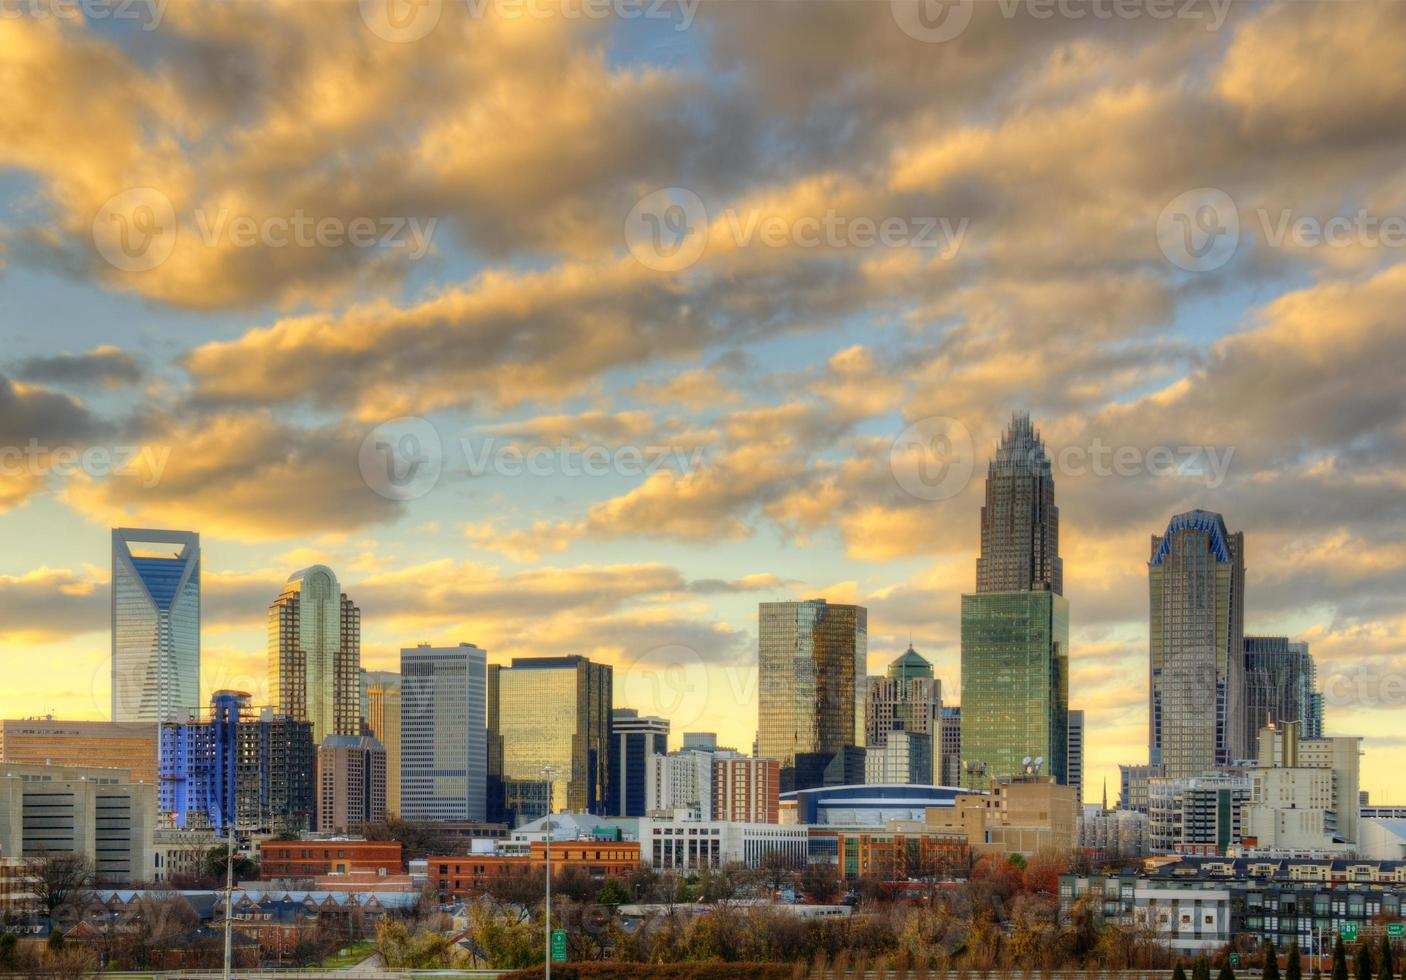 Skyline von Uptown Charlotte bei Sonnenuntergang foto